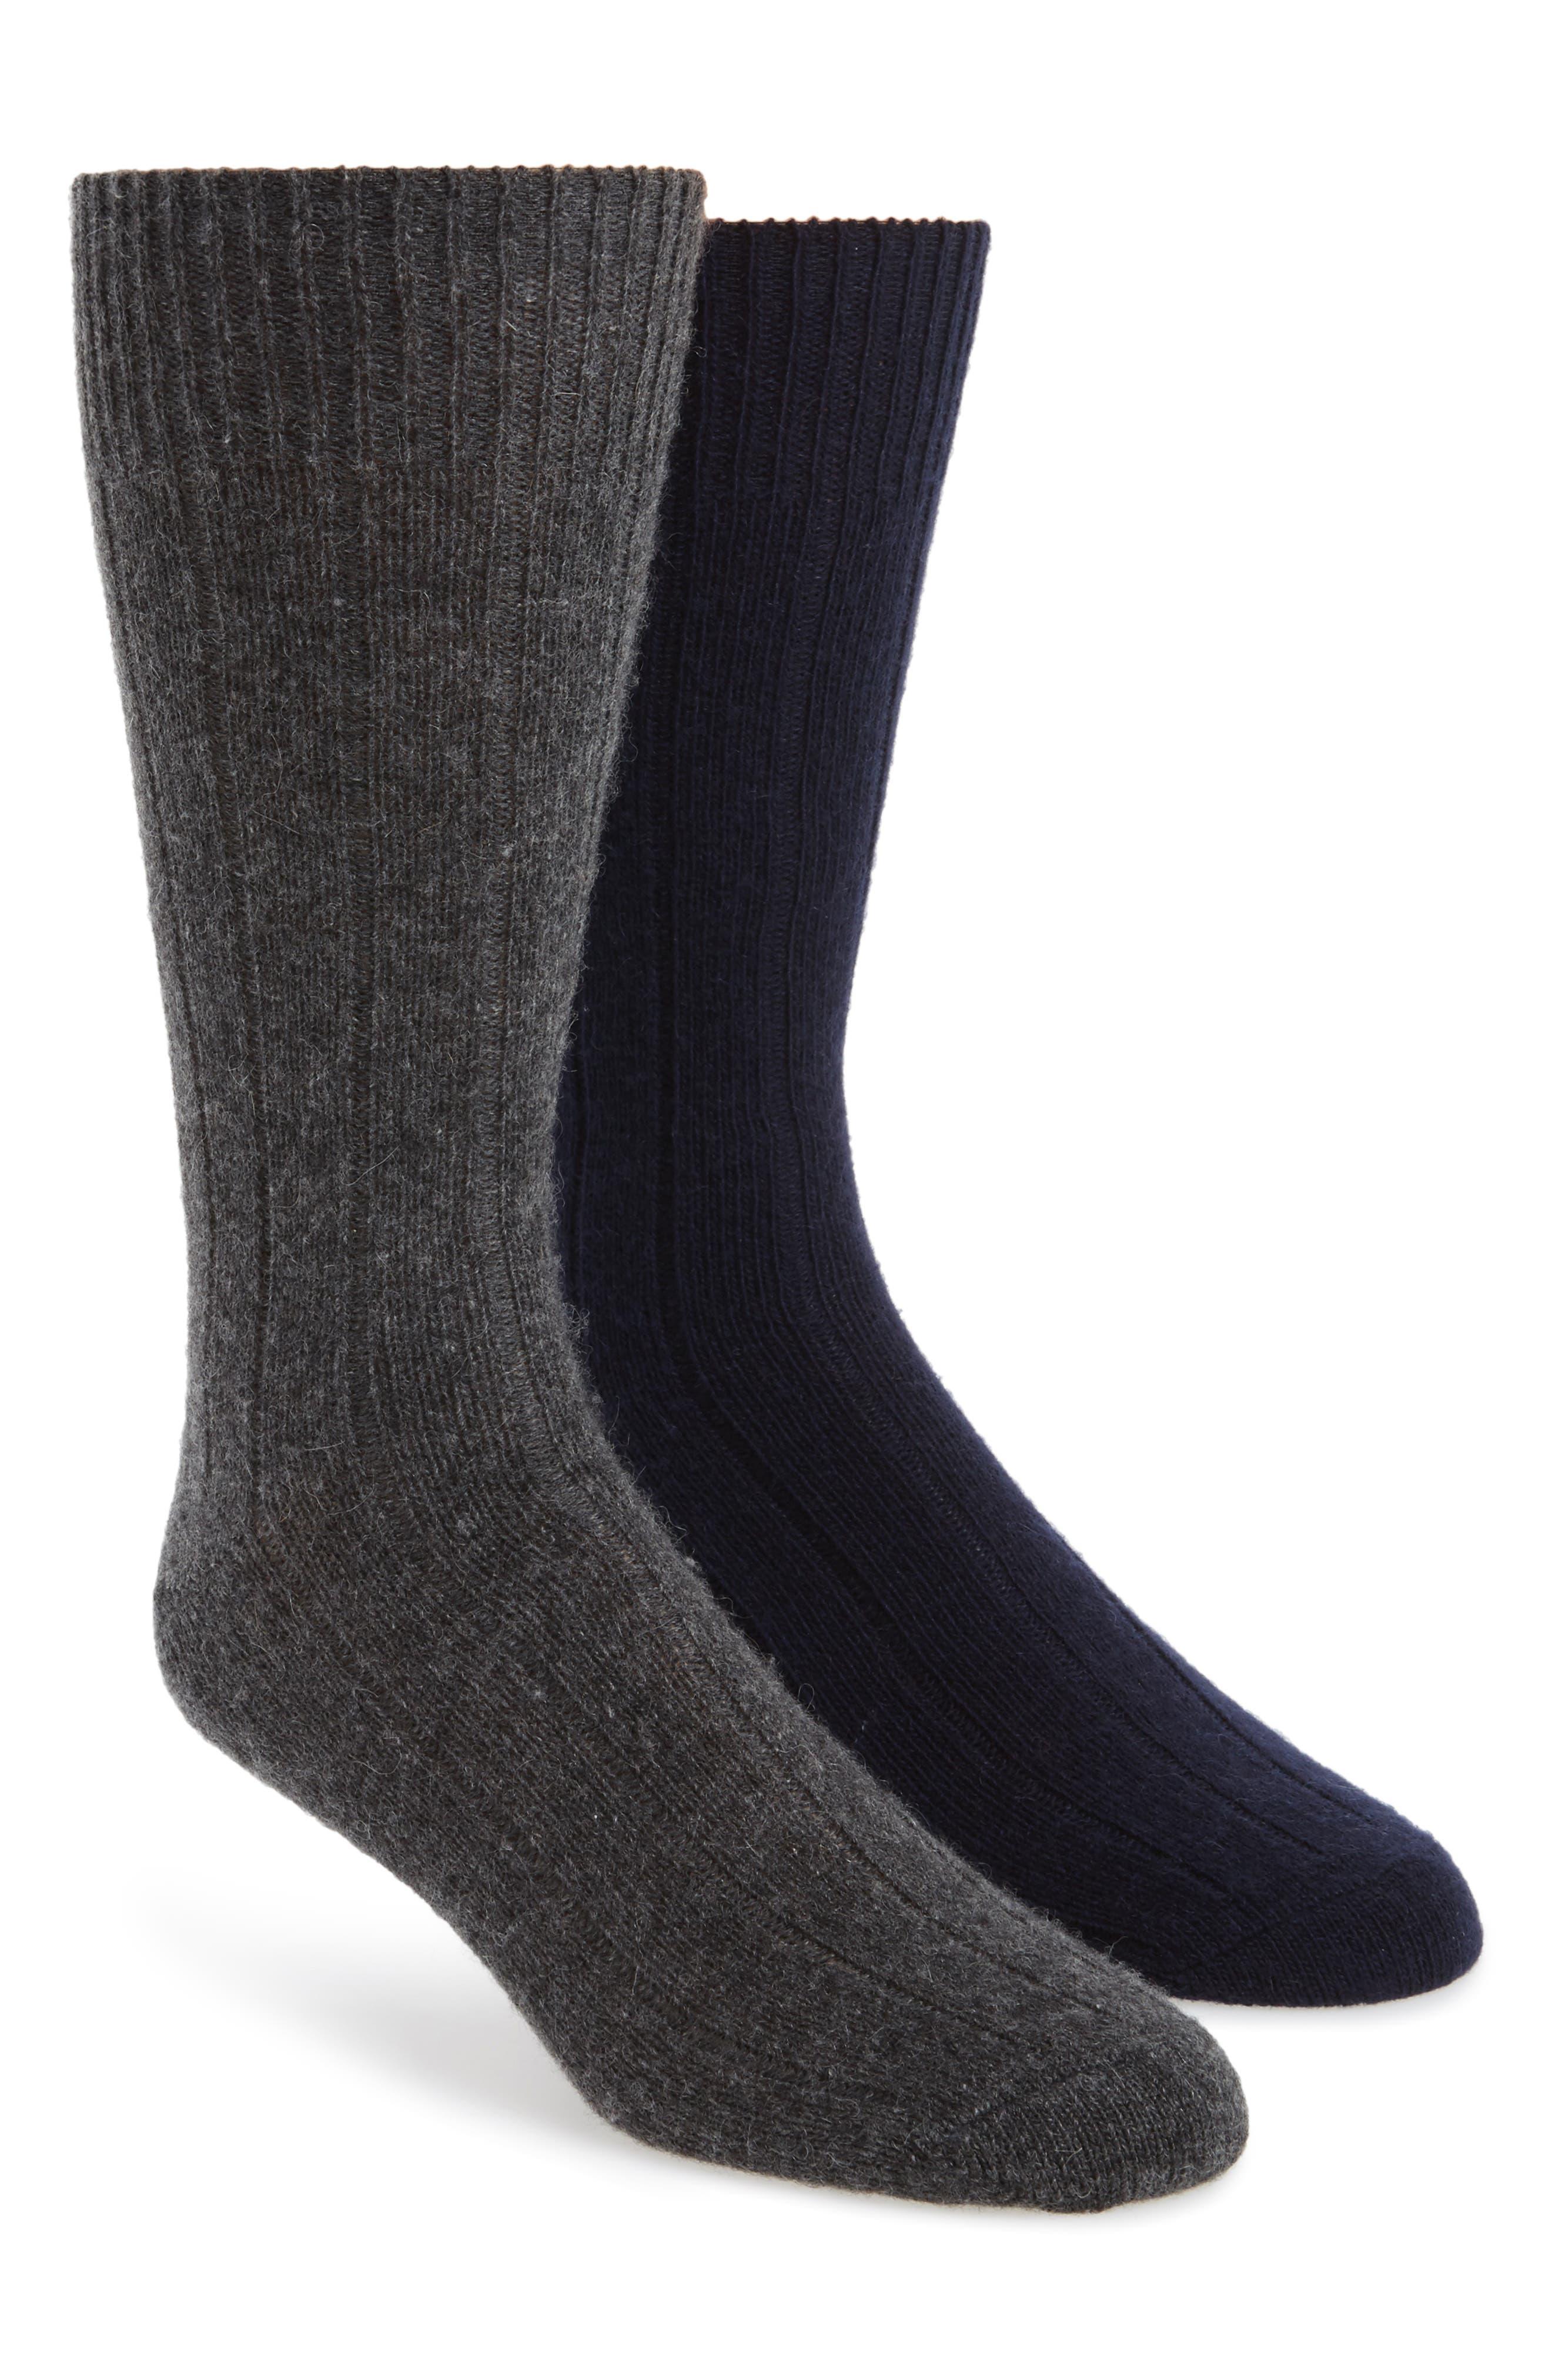 2-Pack Cashmere Blend Socks Box Set,                             Main thumbnail 3, color,